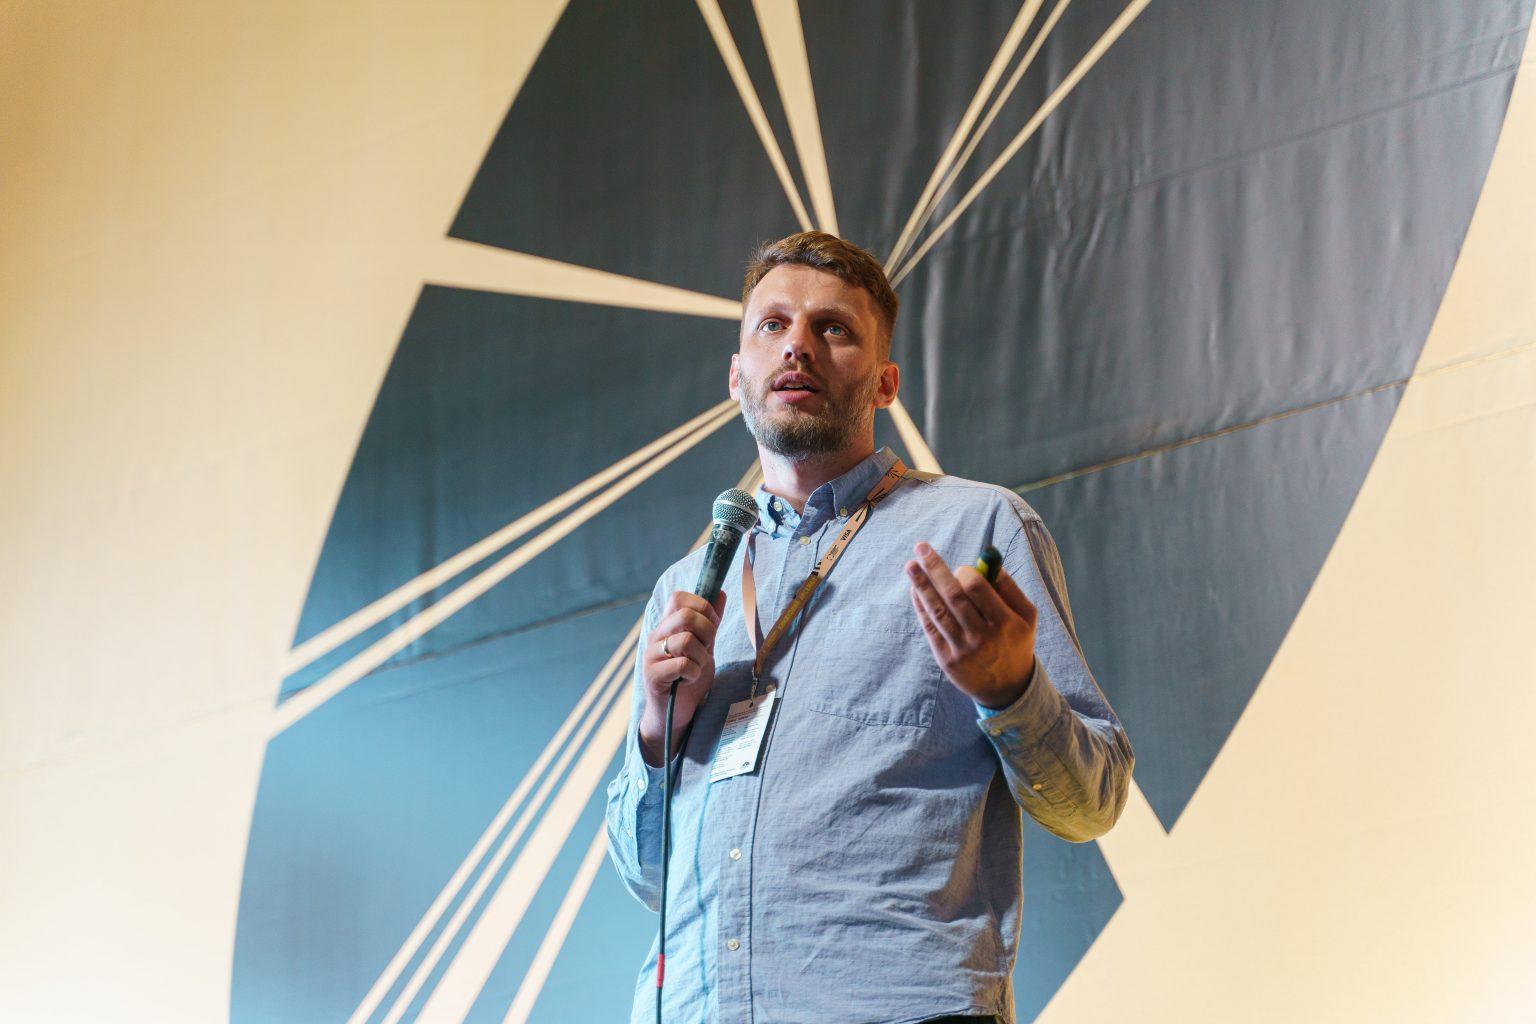 Менеджер компанії SiteGist, Маркіян Микитка, під час презентації «Ідеальний інтернет-магазин для видавництва/книгарні» в межах Книжкового Арсеналу.